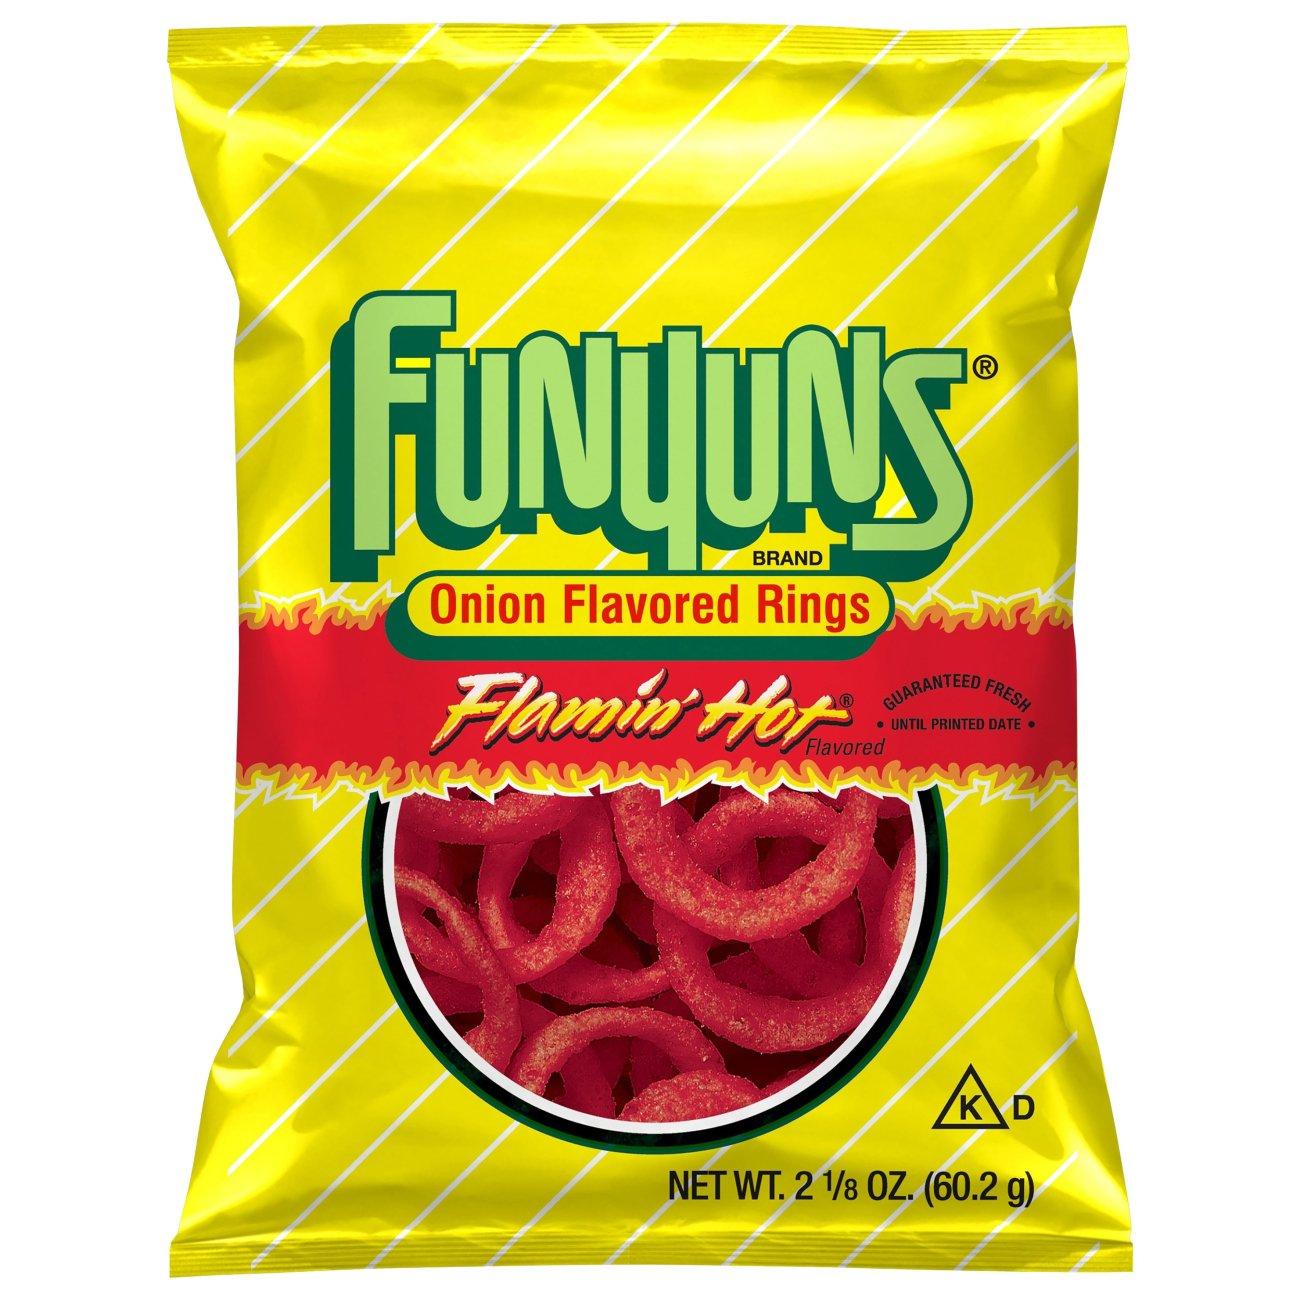 Funyuns Flamin' Hot Onion Rings - Shop Chips at H-E-B